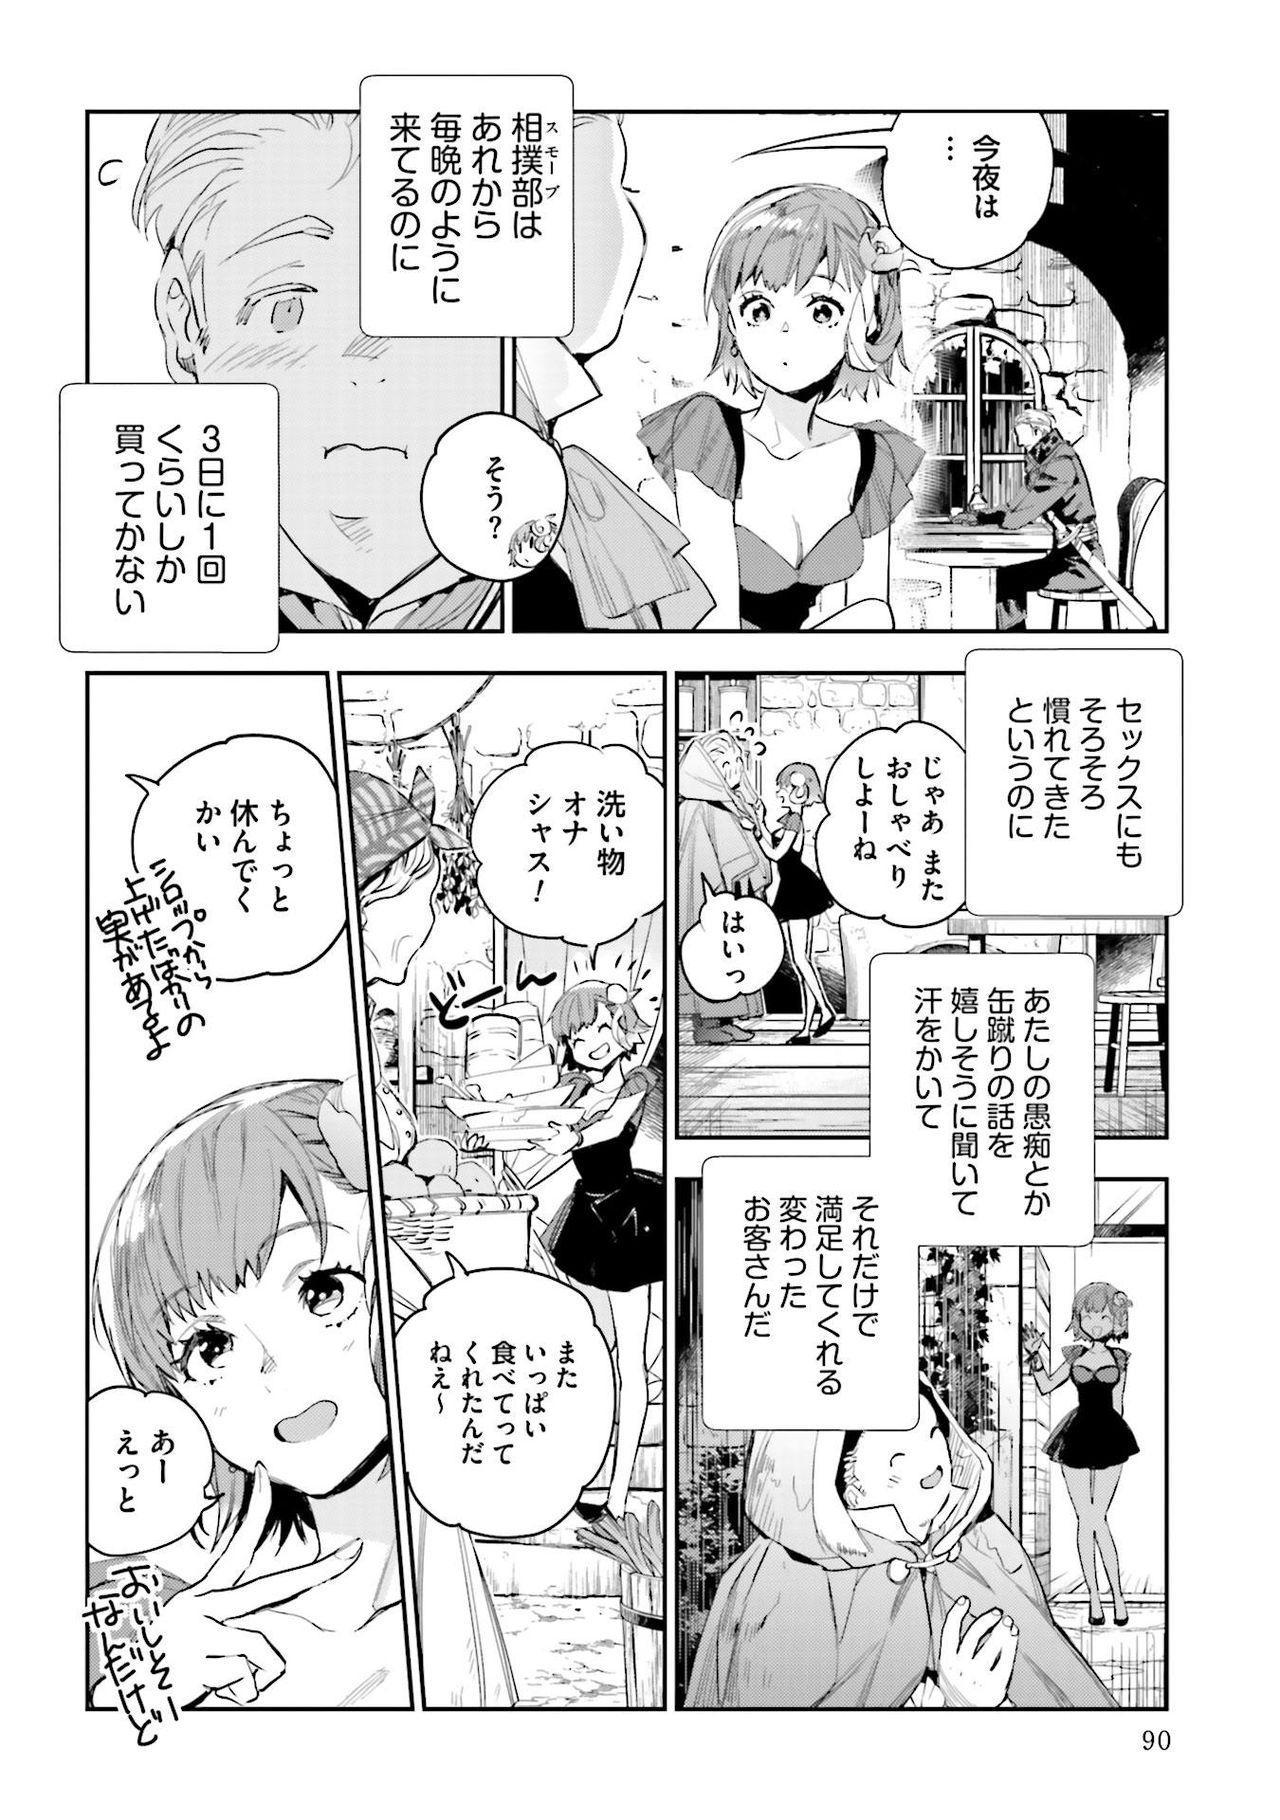 JK Haru wa Isekai de Shoufu ni Natta 1-14 449